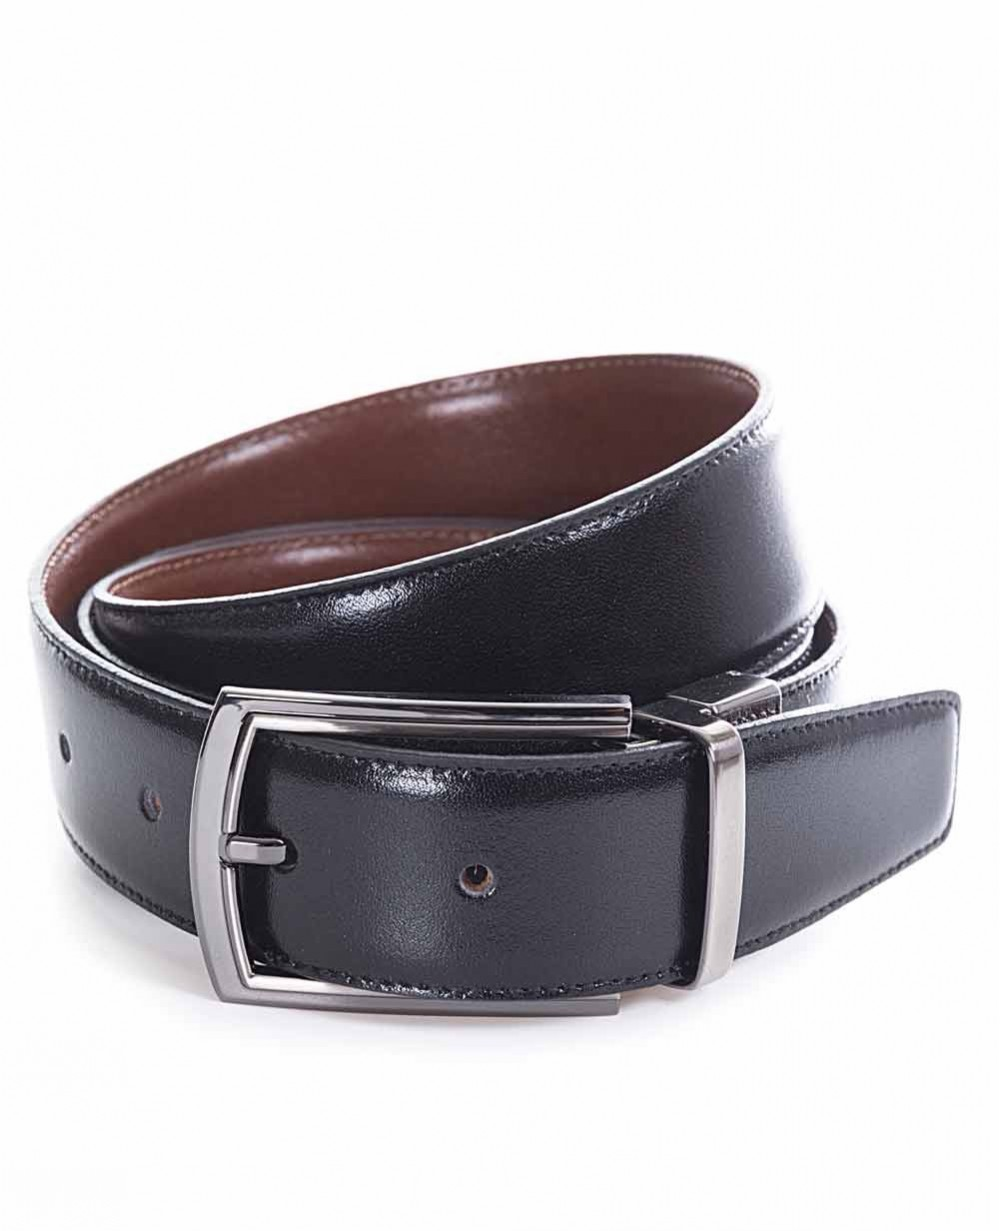 Miguel Bellido Cinturón clásico reversible Piel Negro/Marrón 100 (Foto )